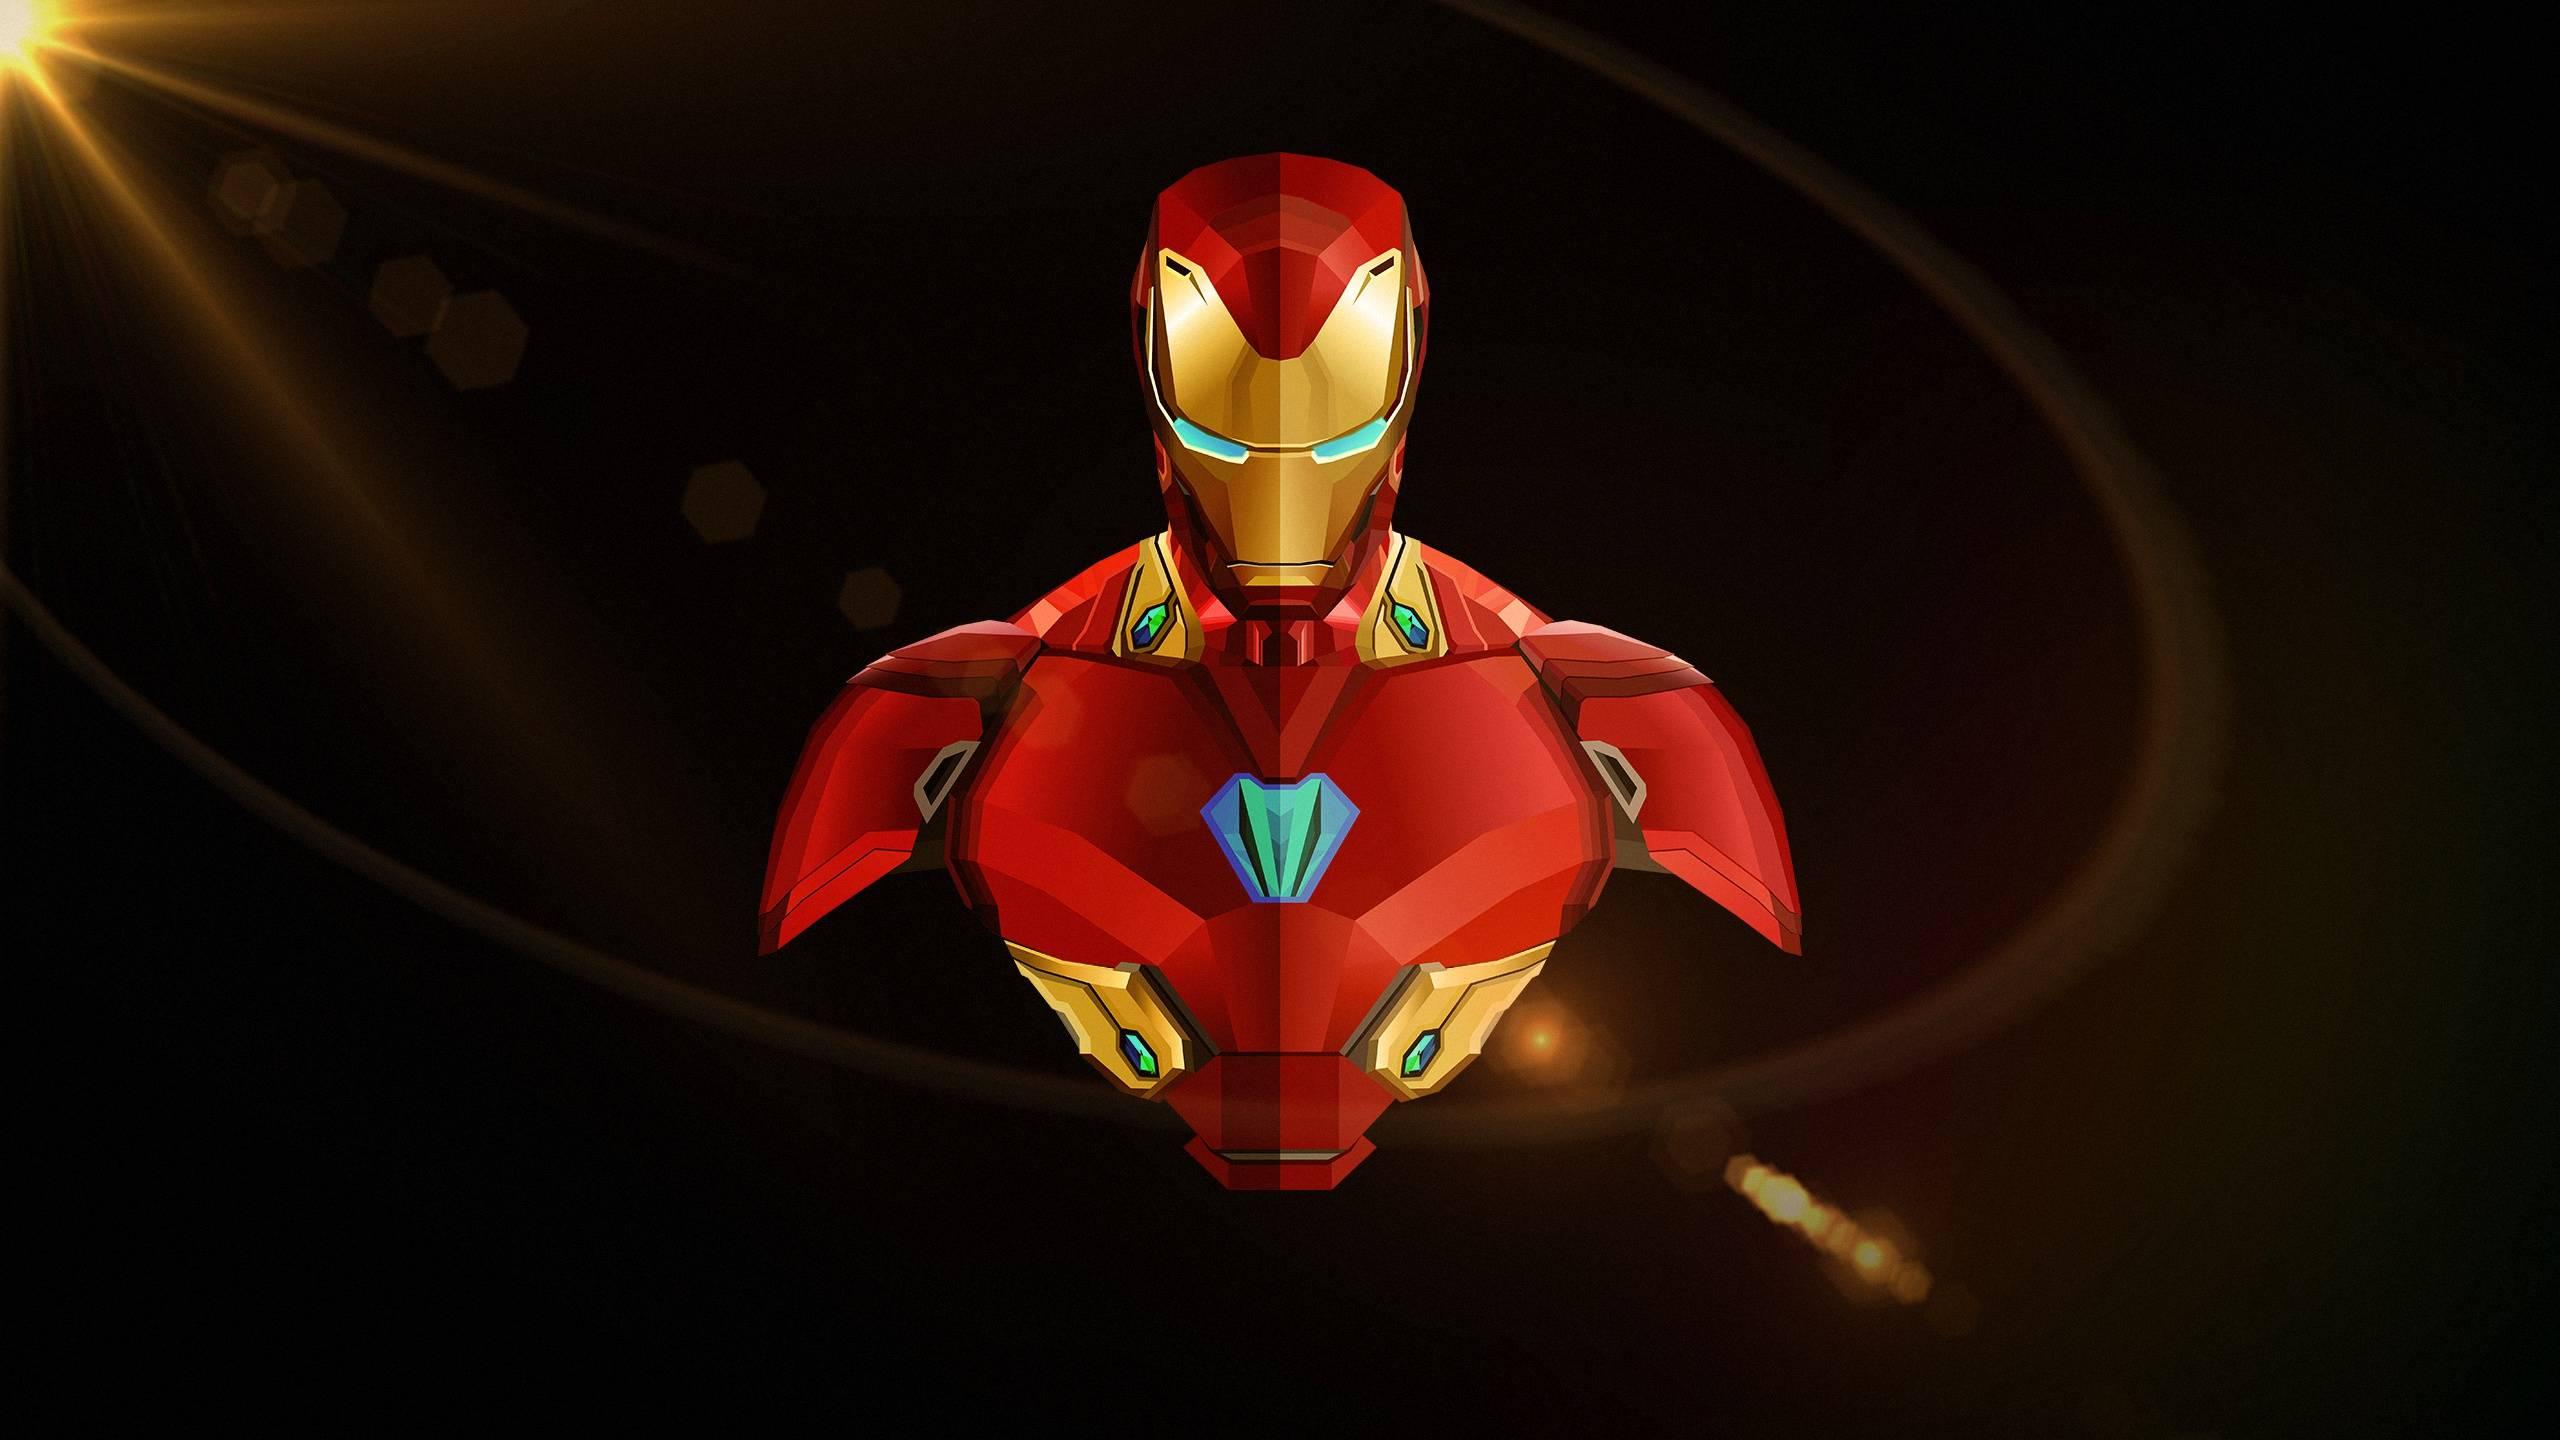 Iron Man Avengers Infinity War Ultra Hd 4k Wallpaper 4k Wallpaper For Whatsapp 1920x1080 Download Hd Wallpaper Wallpapertip